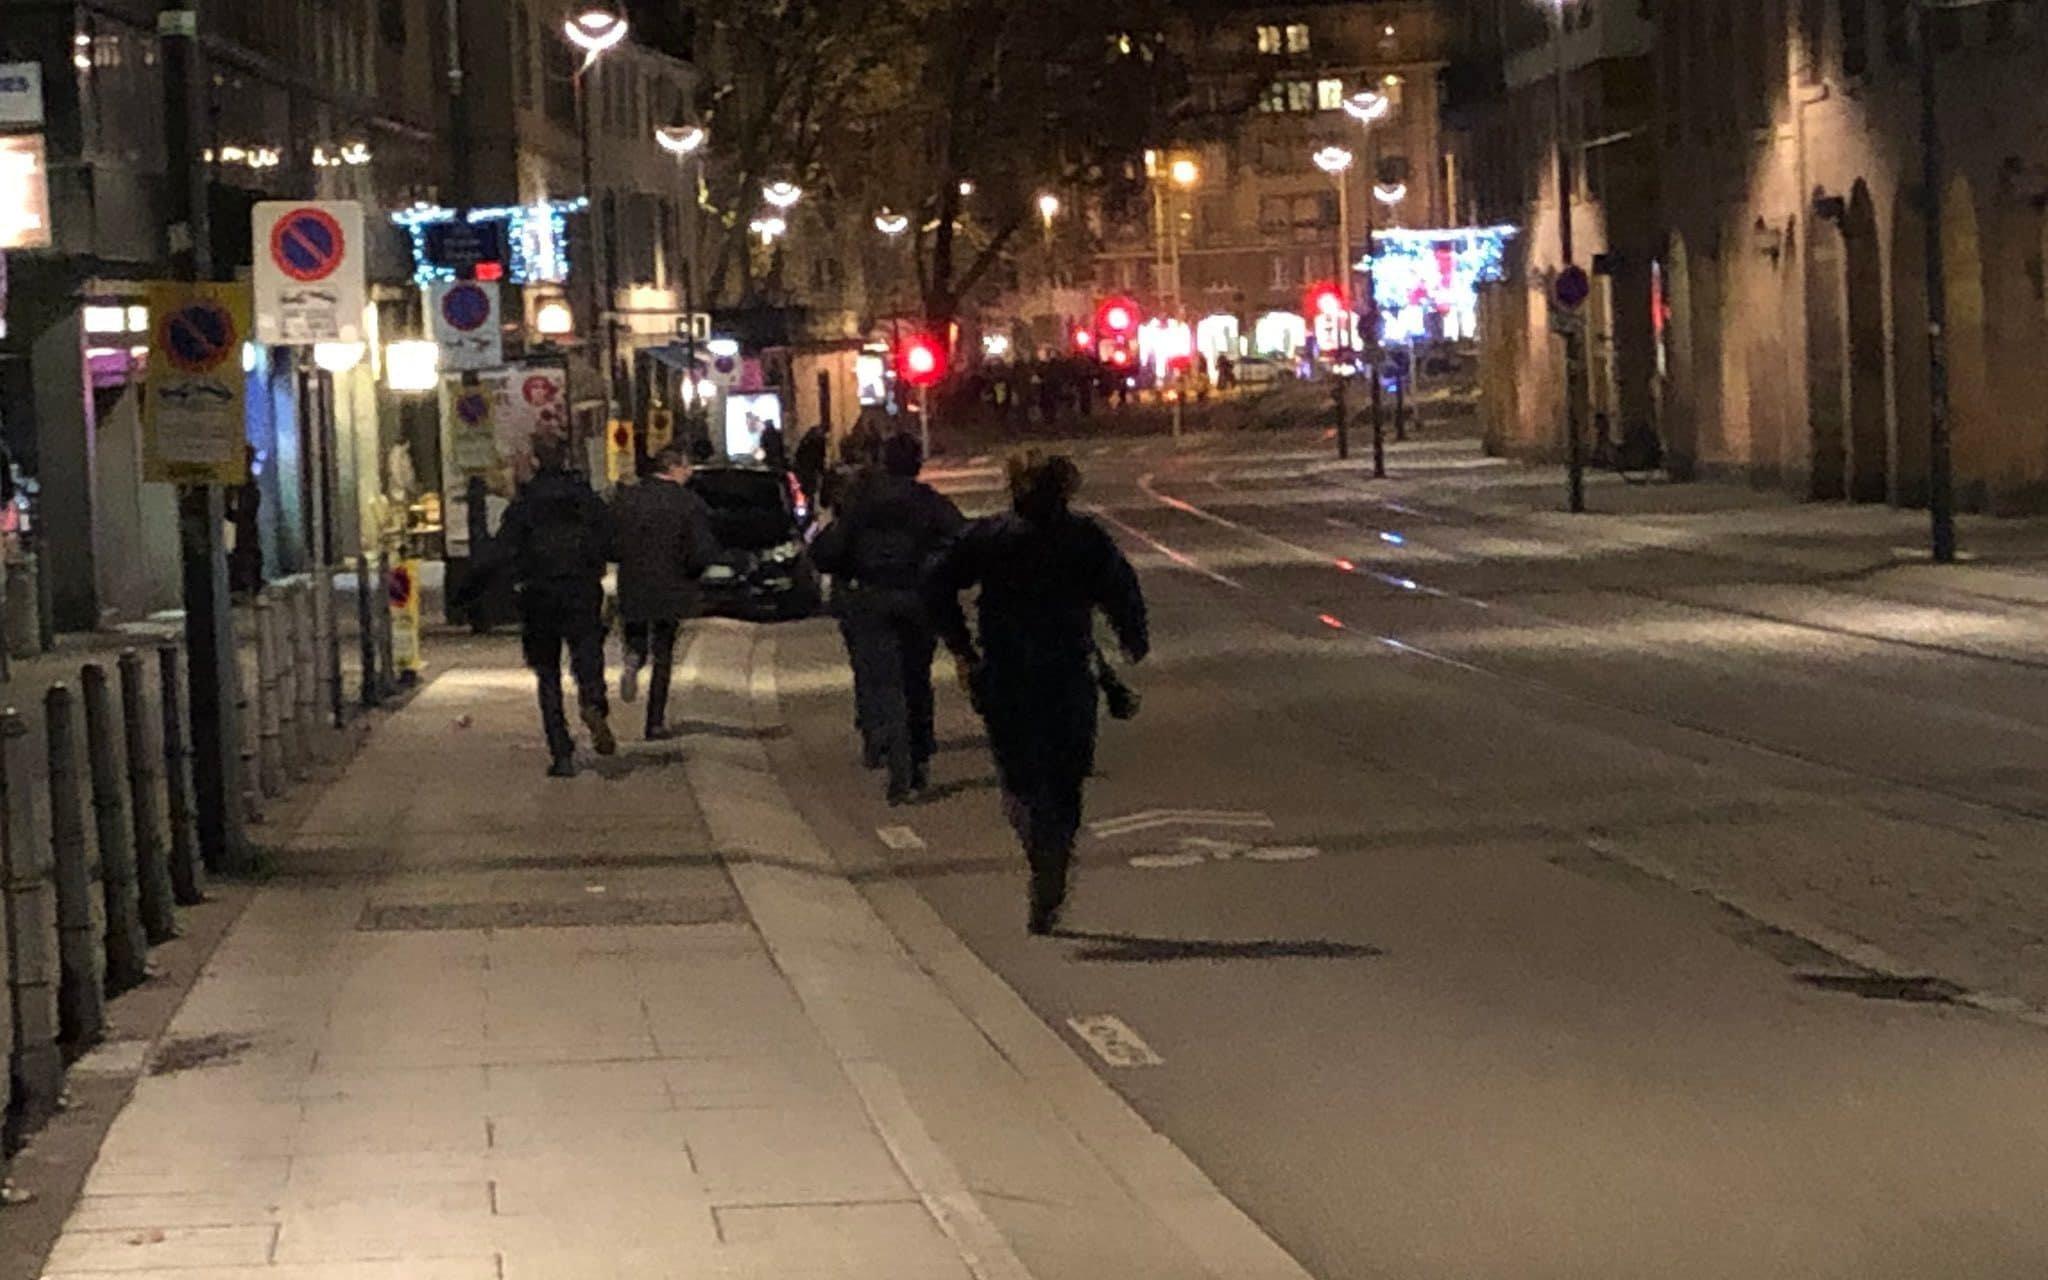 Στρασβούργο :Τουλάχιστον 2 νεκροί και 11 τραυματίες - Γνωστός ο δράστης στις